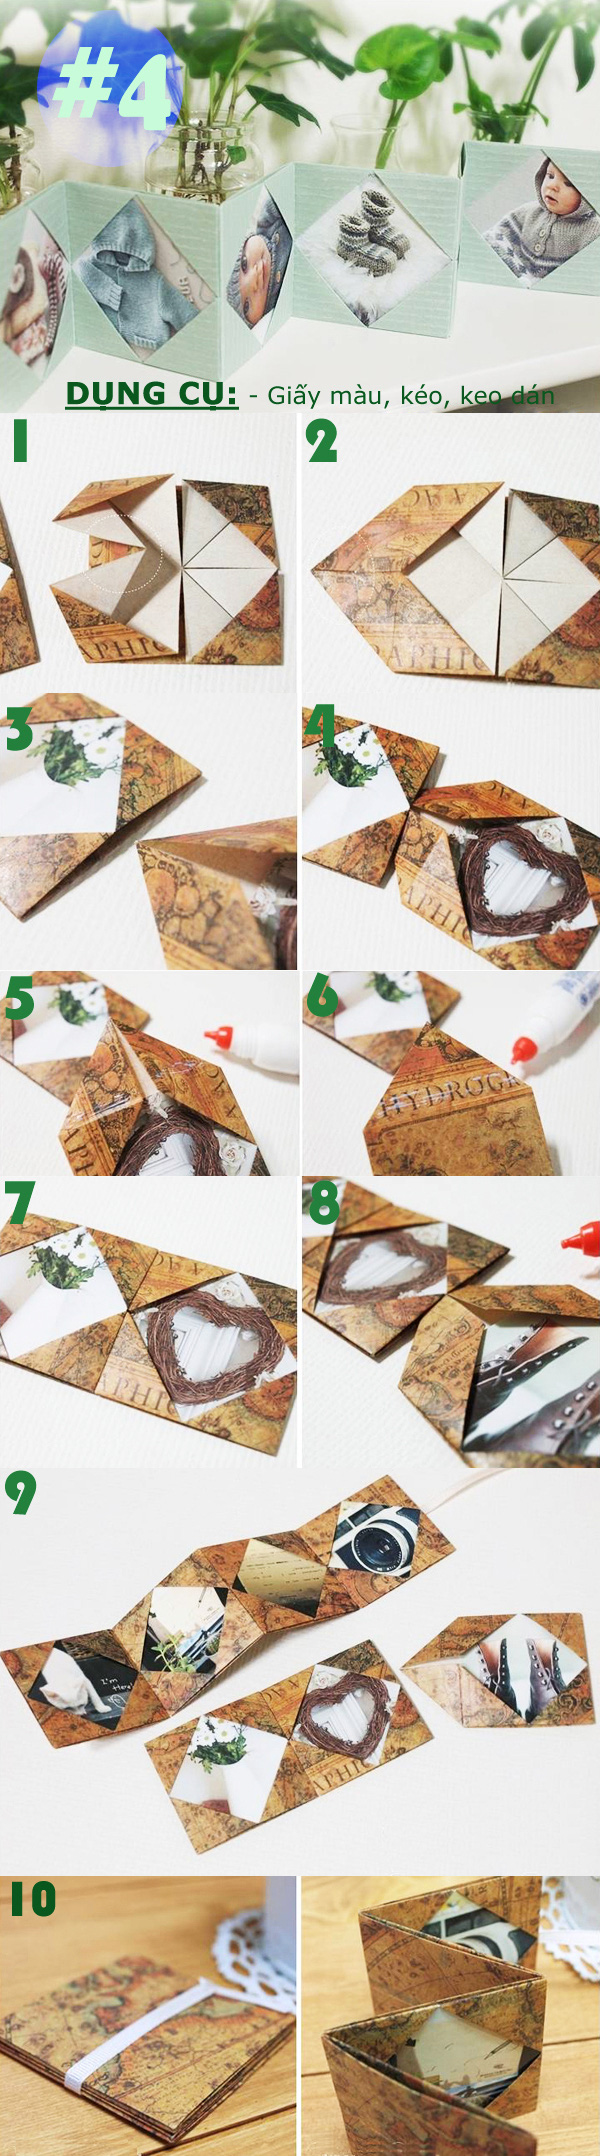 Các cách gấp khung ảnh bằng giấy cực hay 4